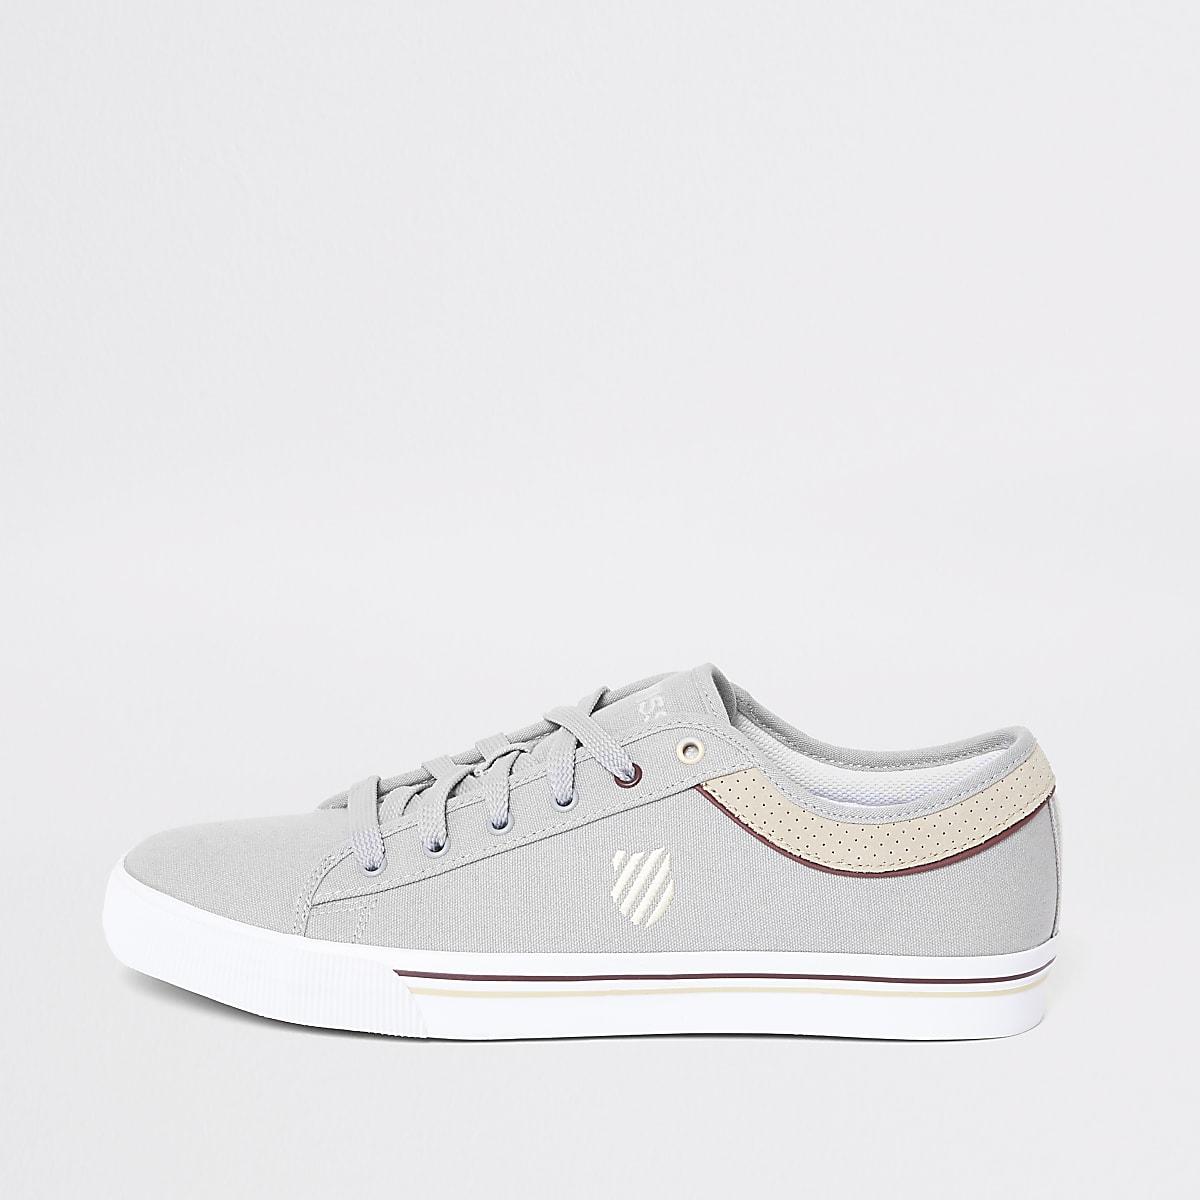 K-Swiss – Bridgeport – Hellgraue Sneaker